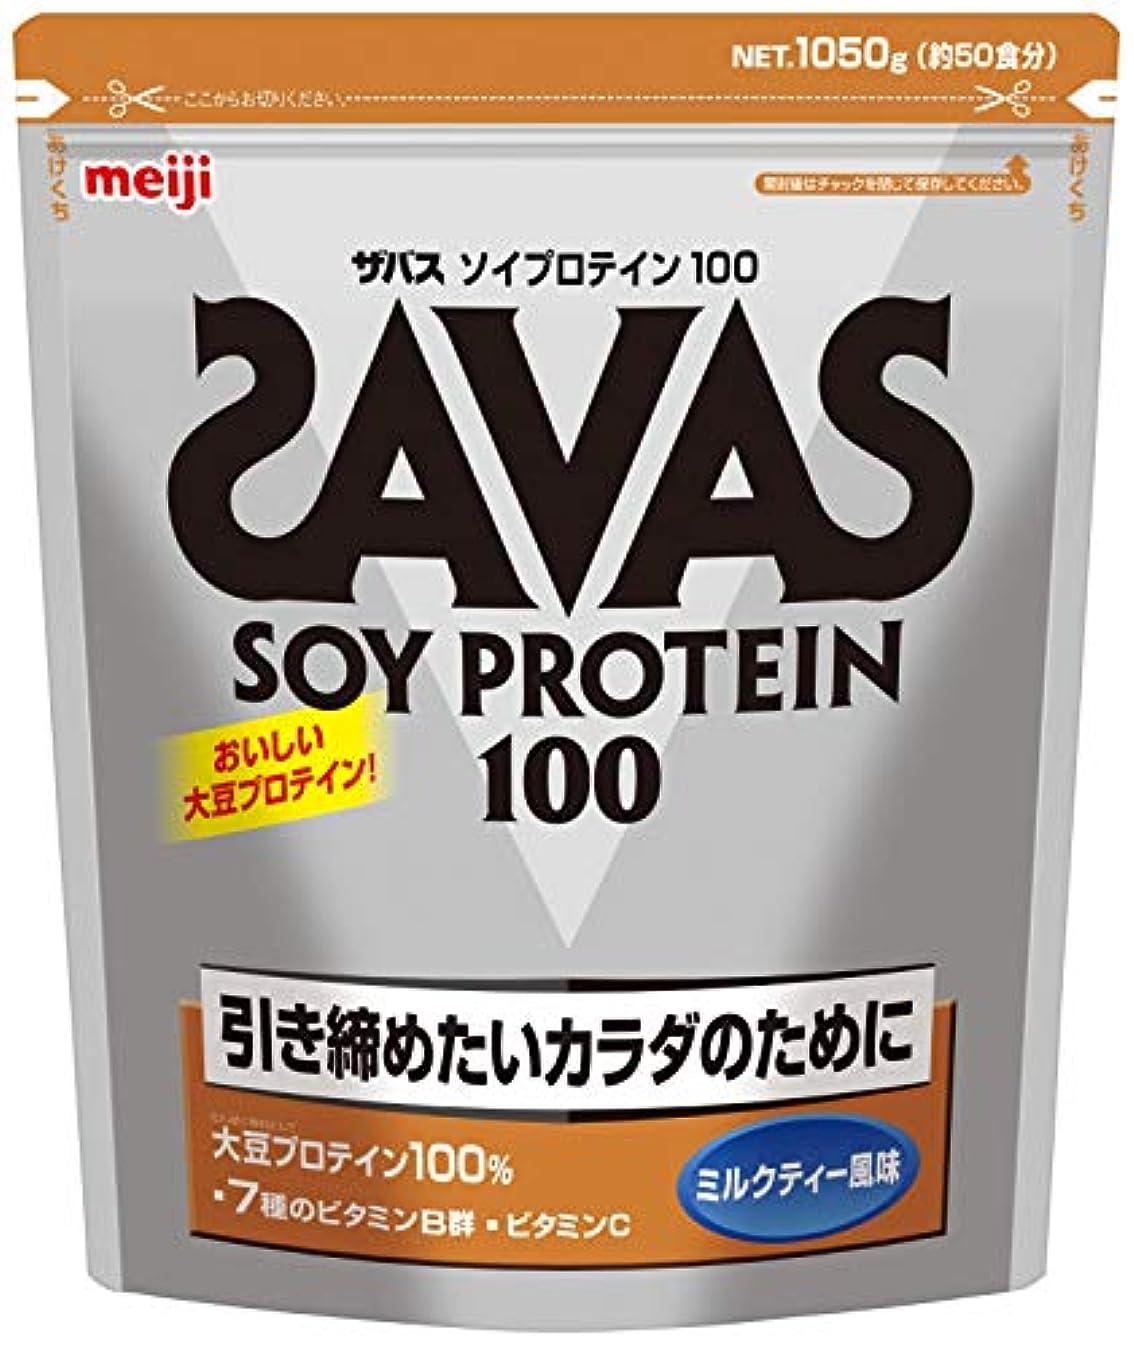 負荷変動する活性化するザバス(SAVAS) ソイプロテイン100+ビタミン ミルクティー風味 【50食分】 1,050g